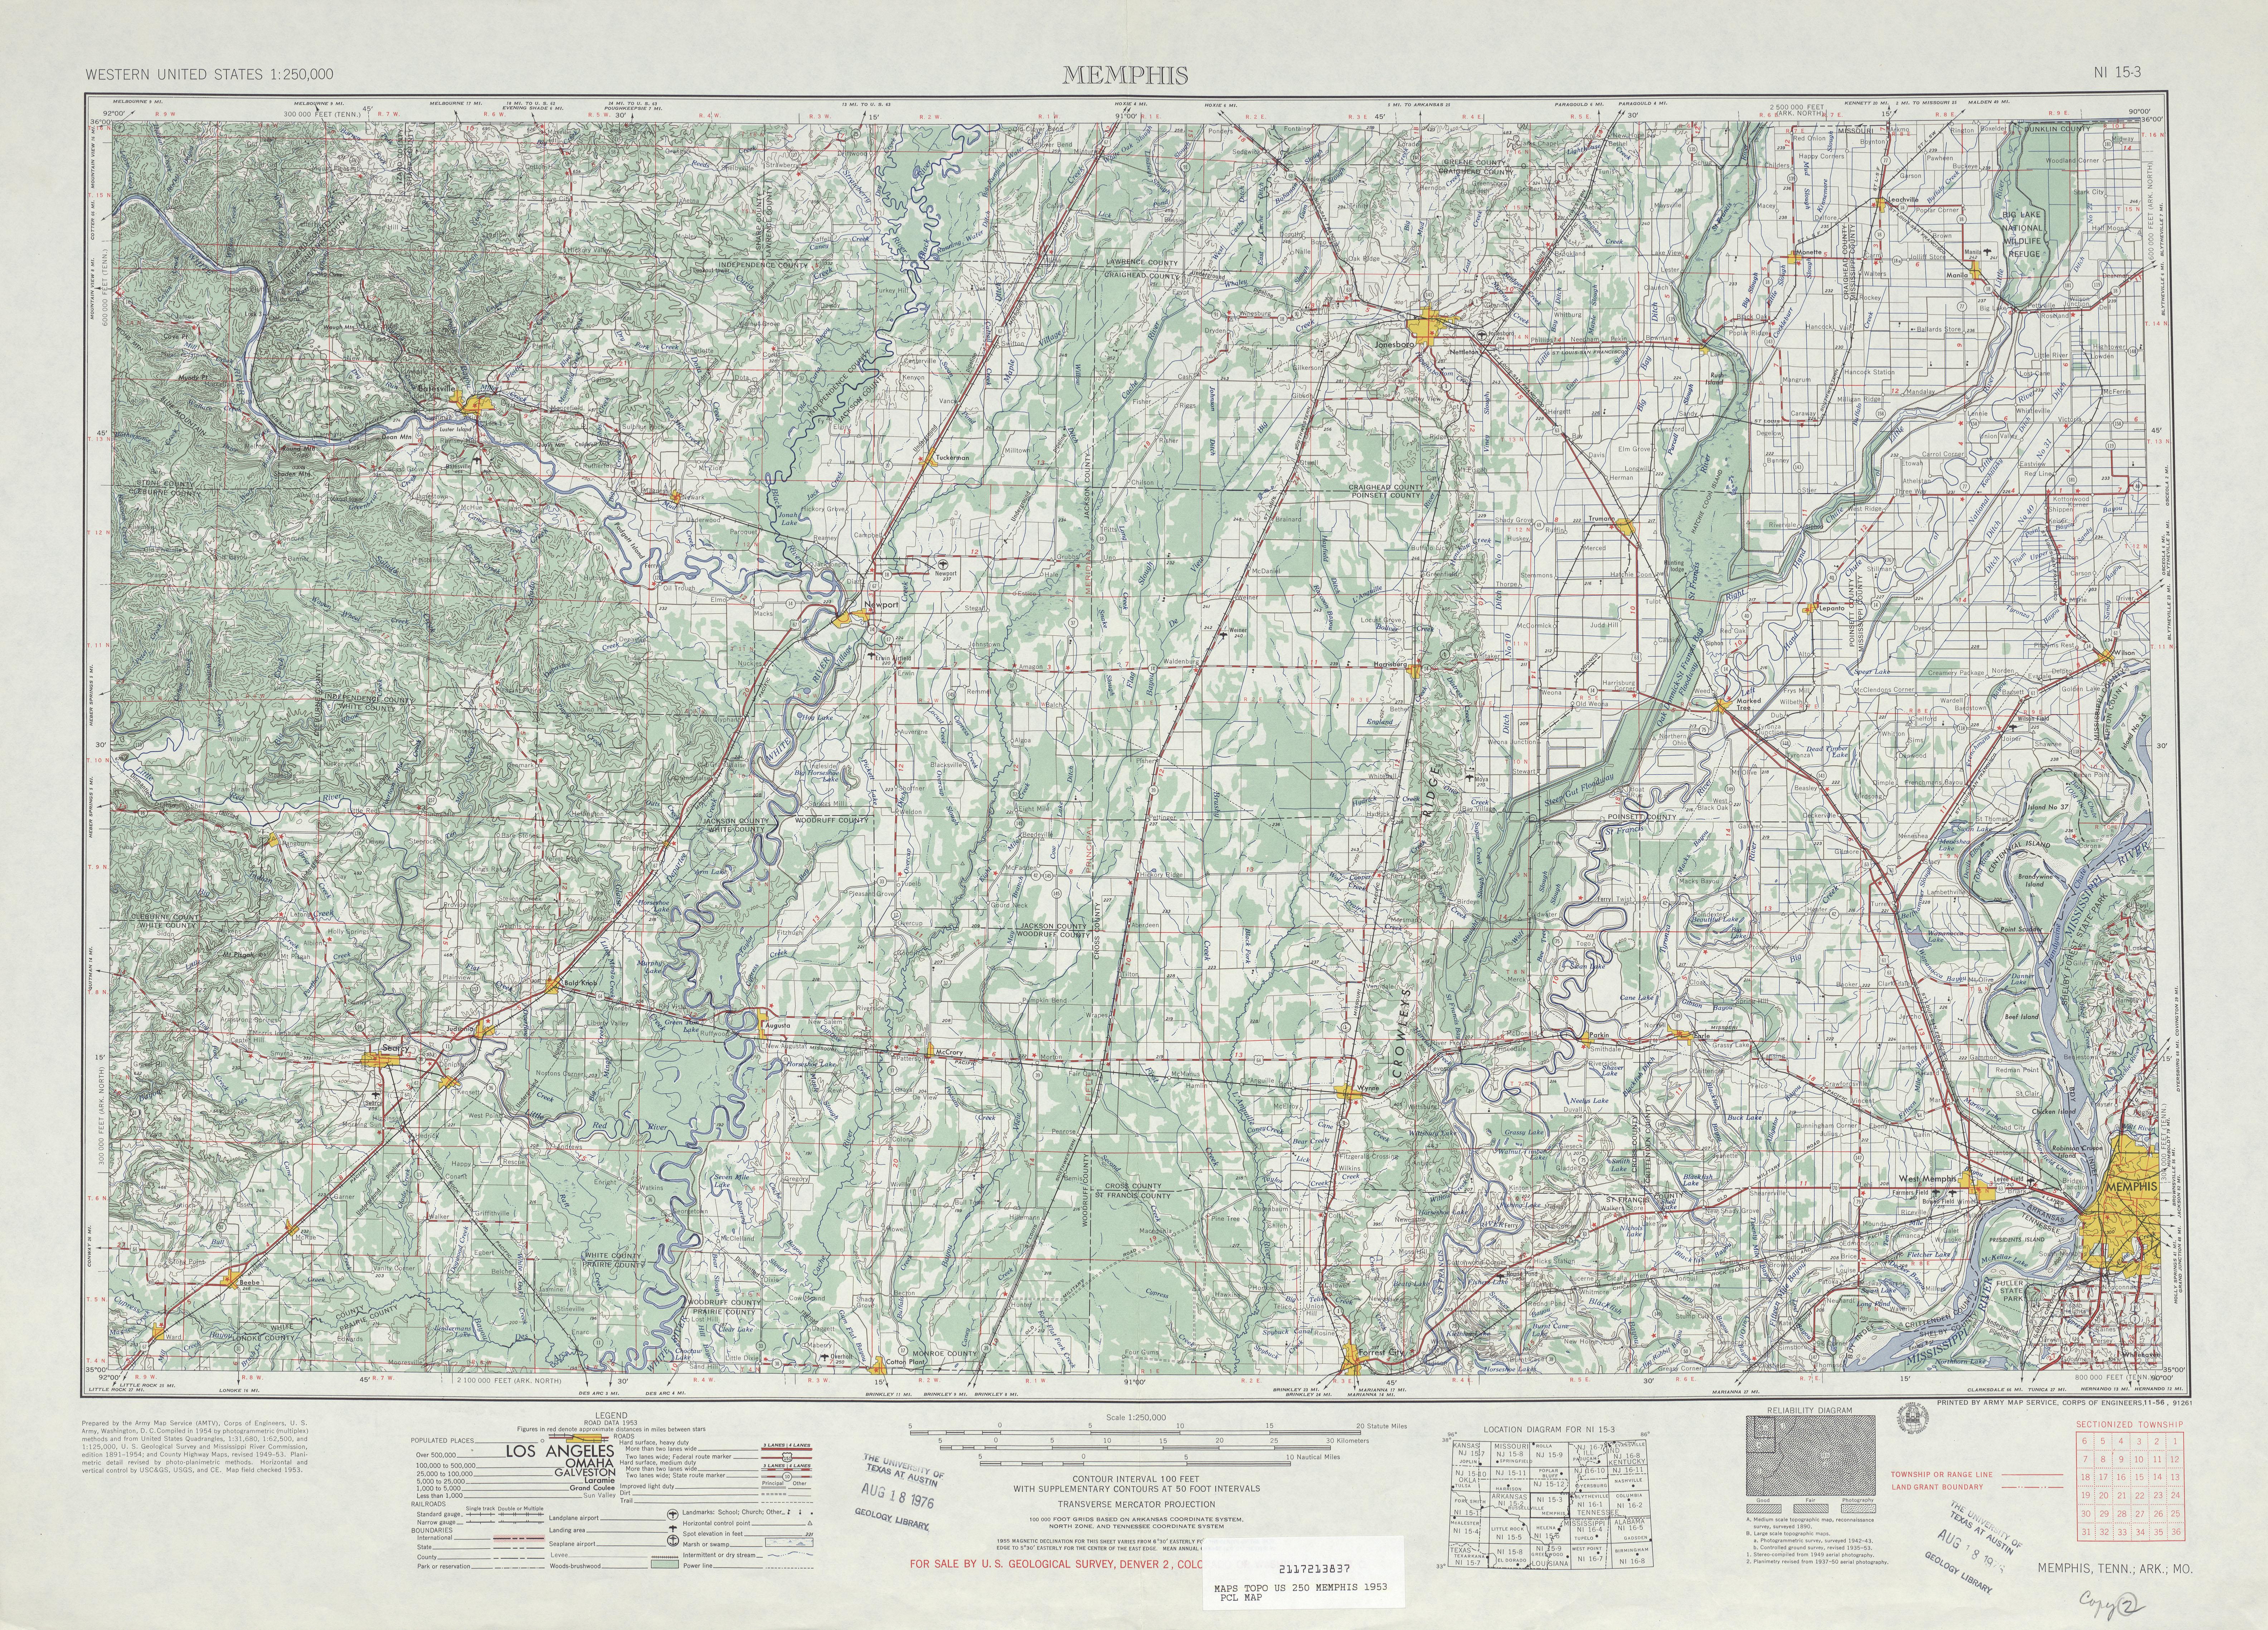 Hoja Memphis del Mapa Topográfico de los Estados Unidos 1953